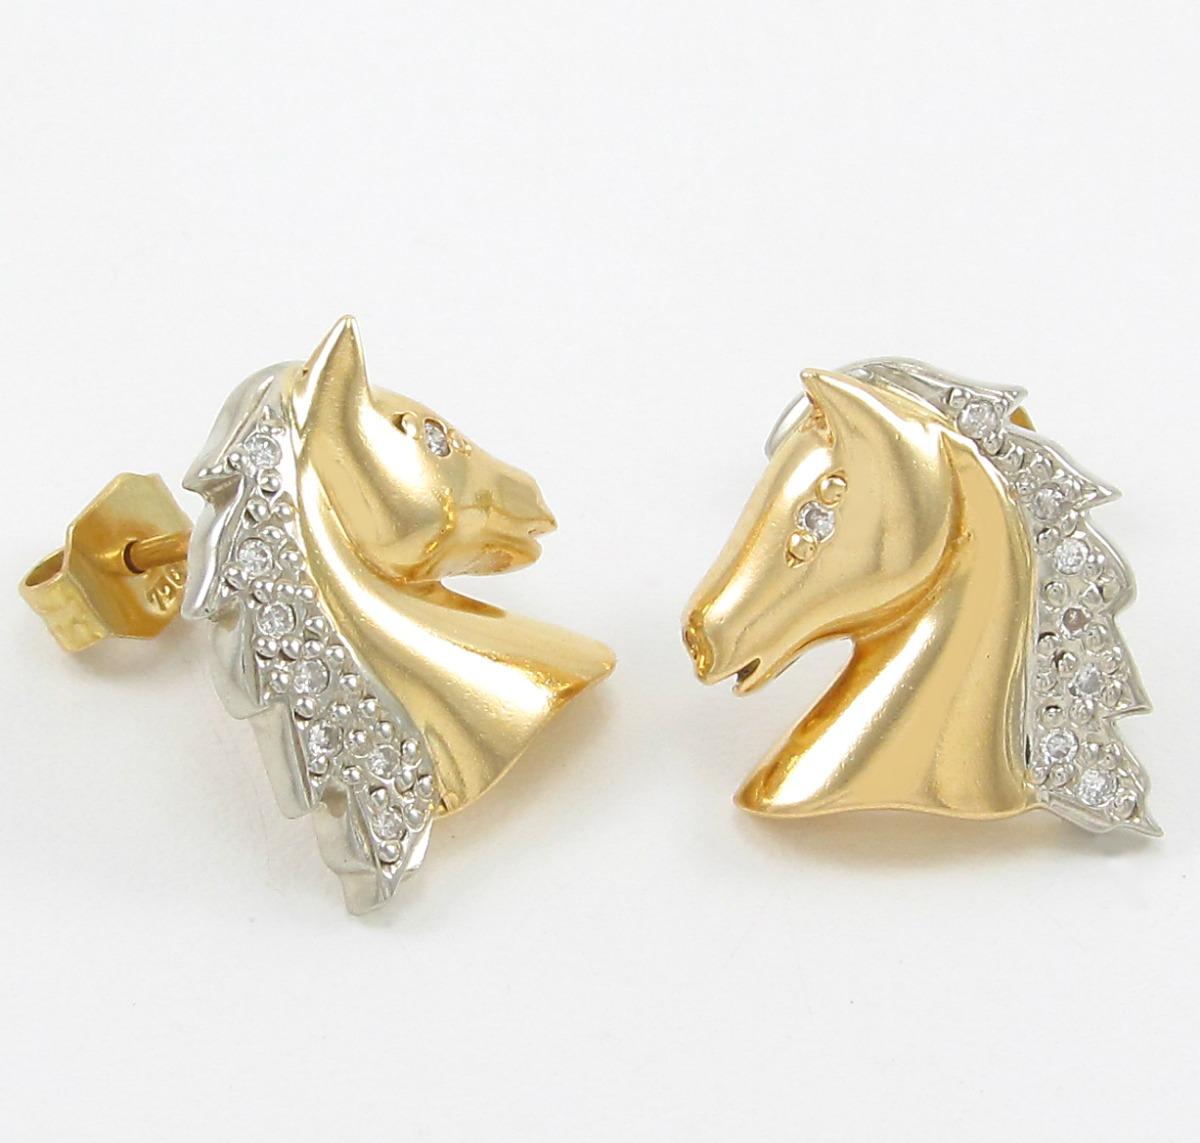 85369db8636 Brincos Design Cavalo Cravejado Com Diamantes Ouro 18k 750. - R  1.799